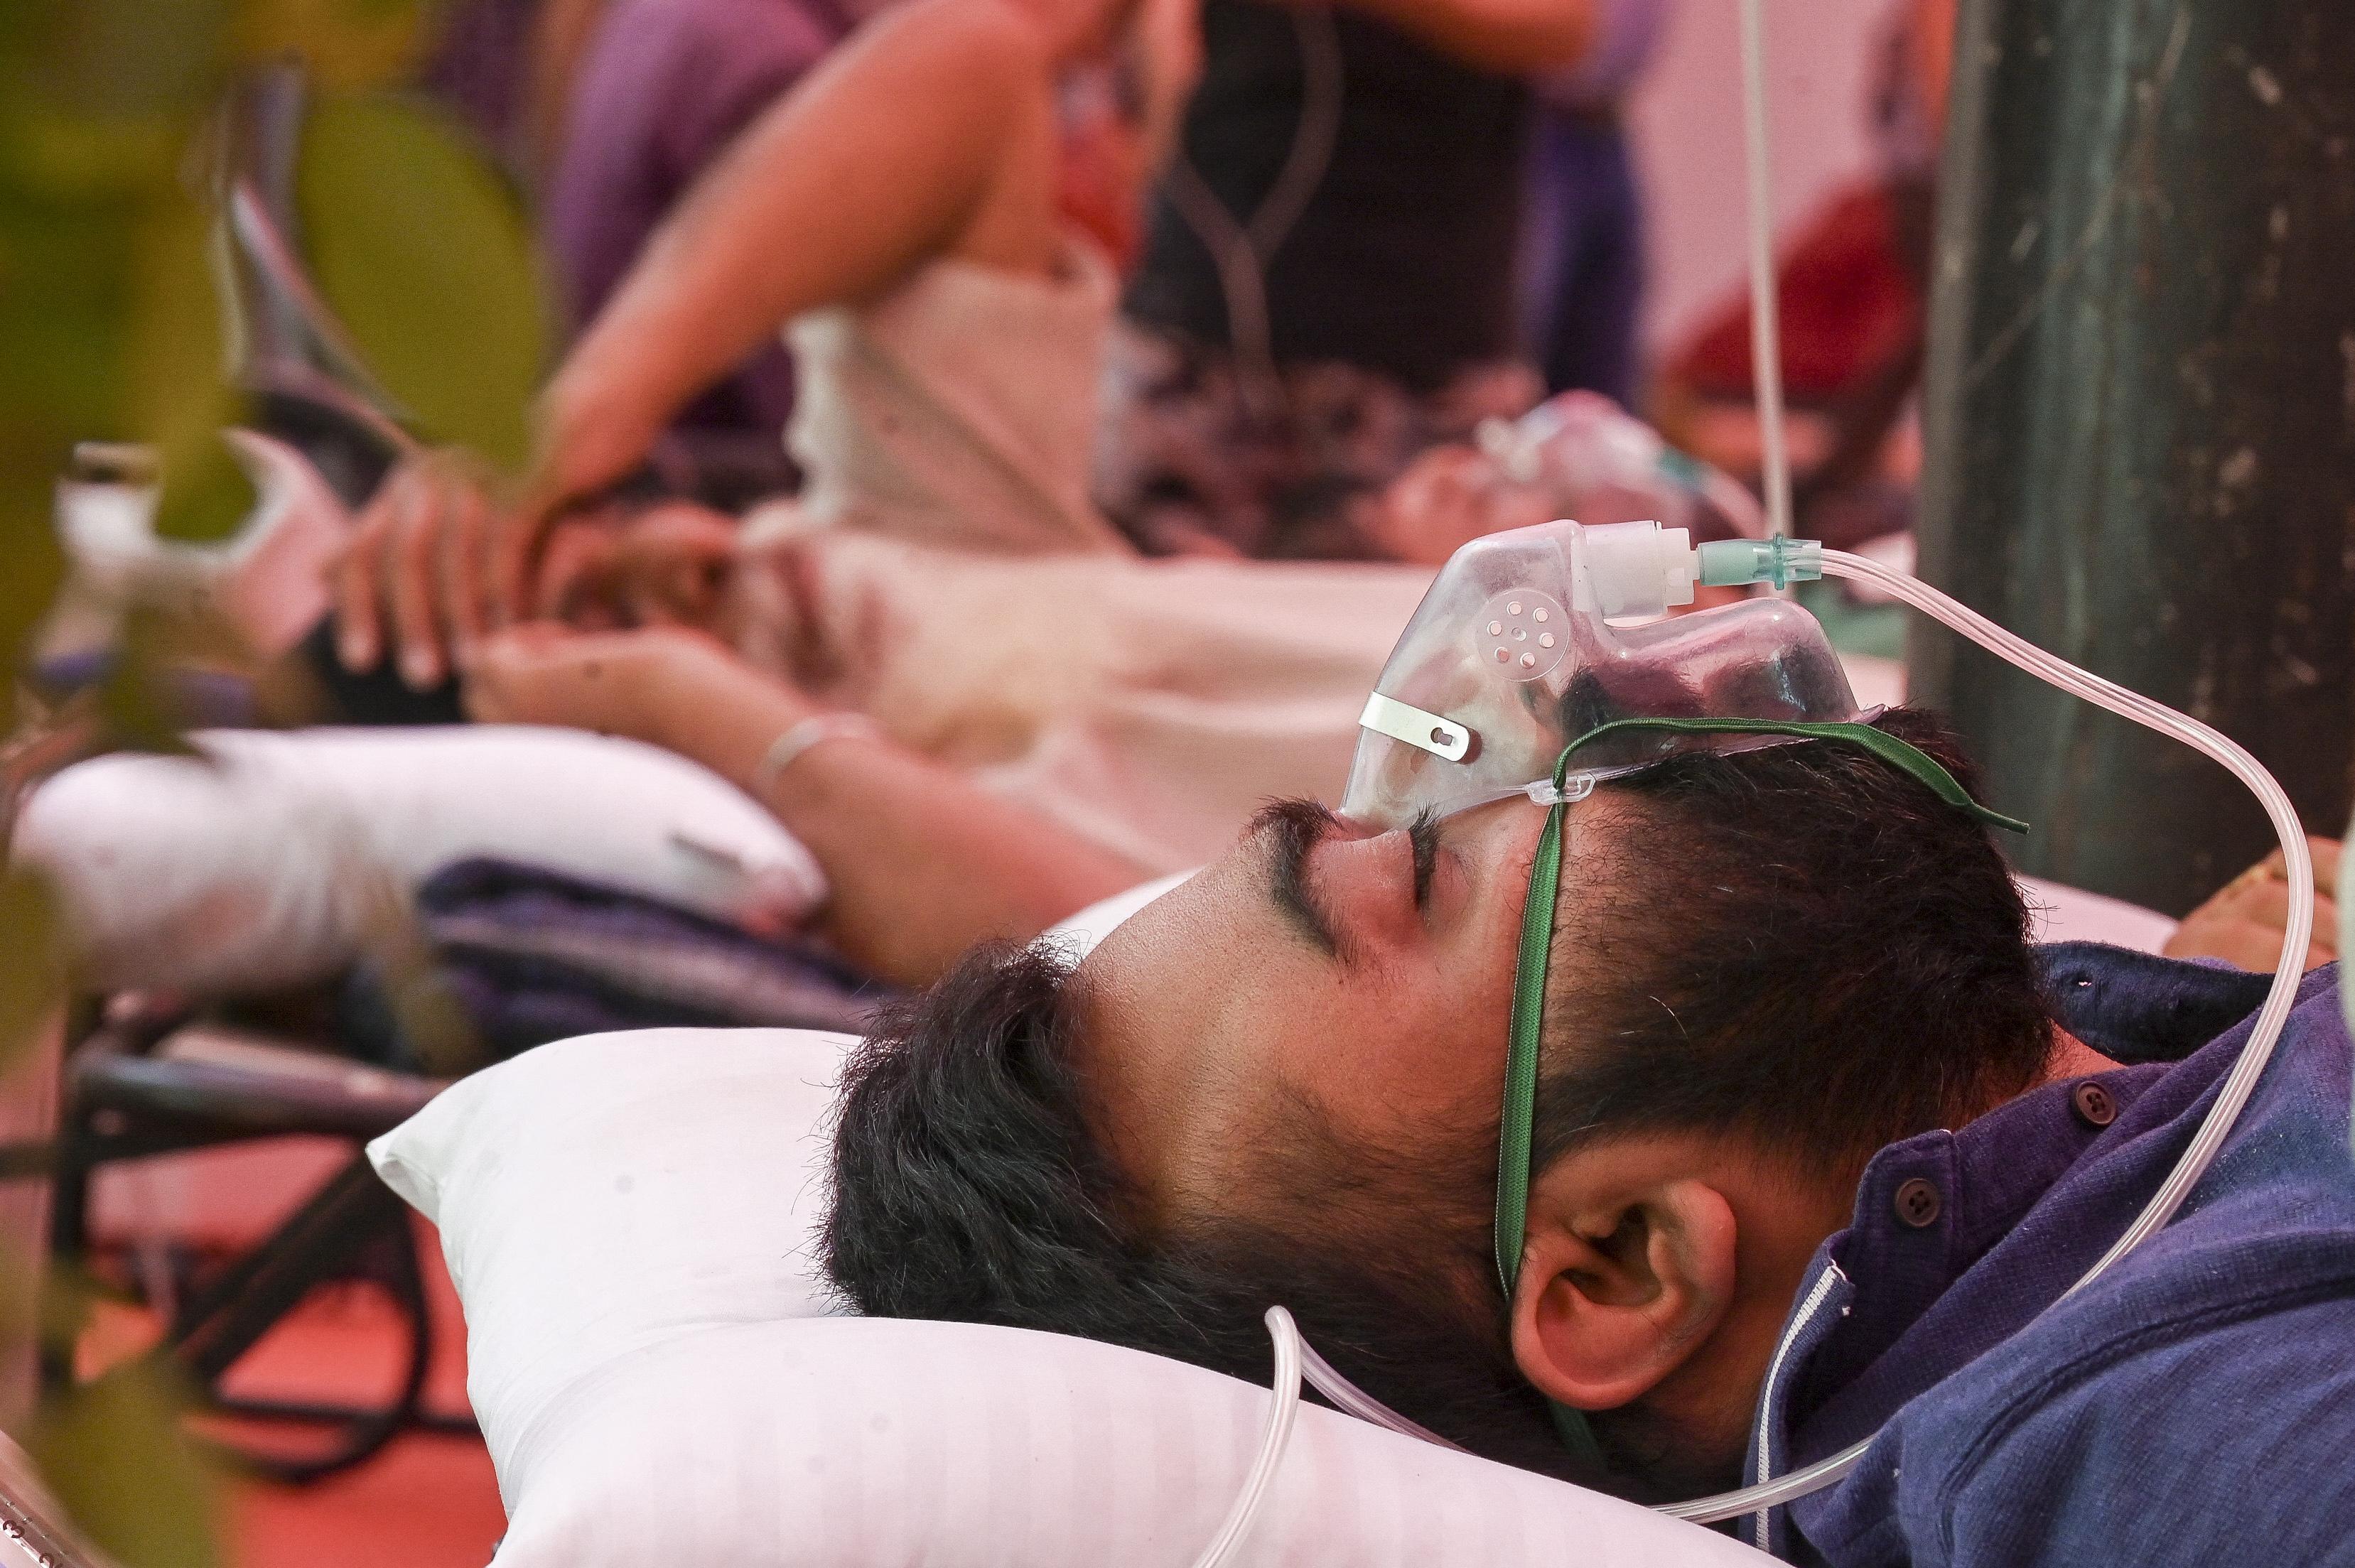 Több mint négyezren haltak meg 24 óra alatt Indiában